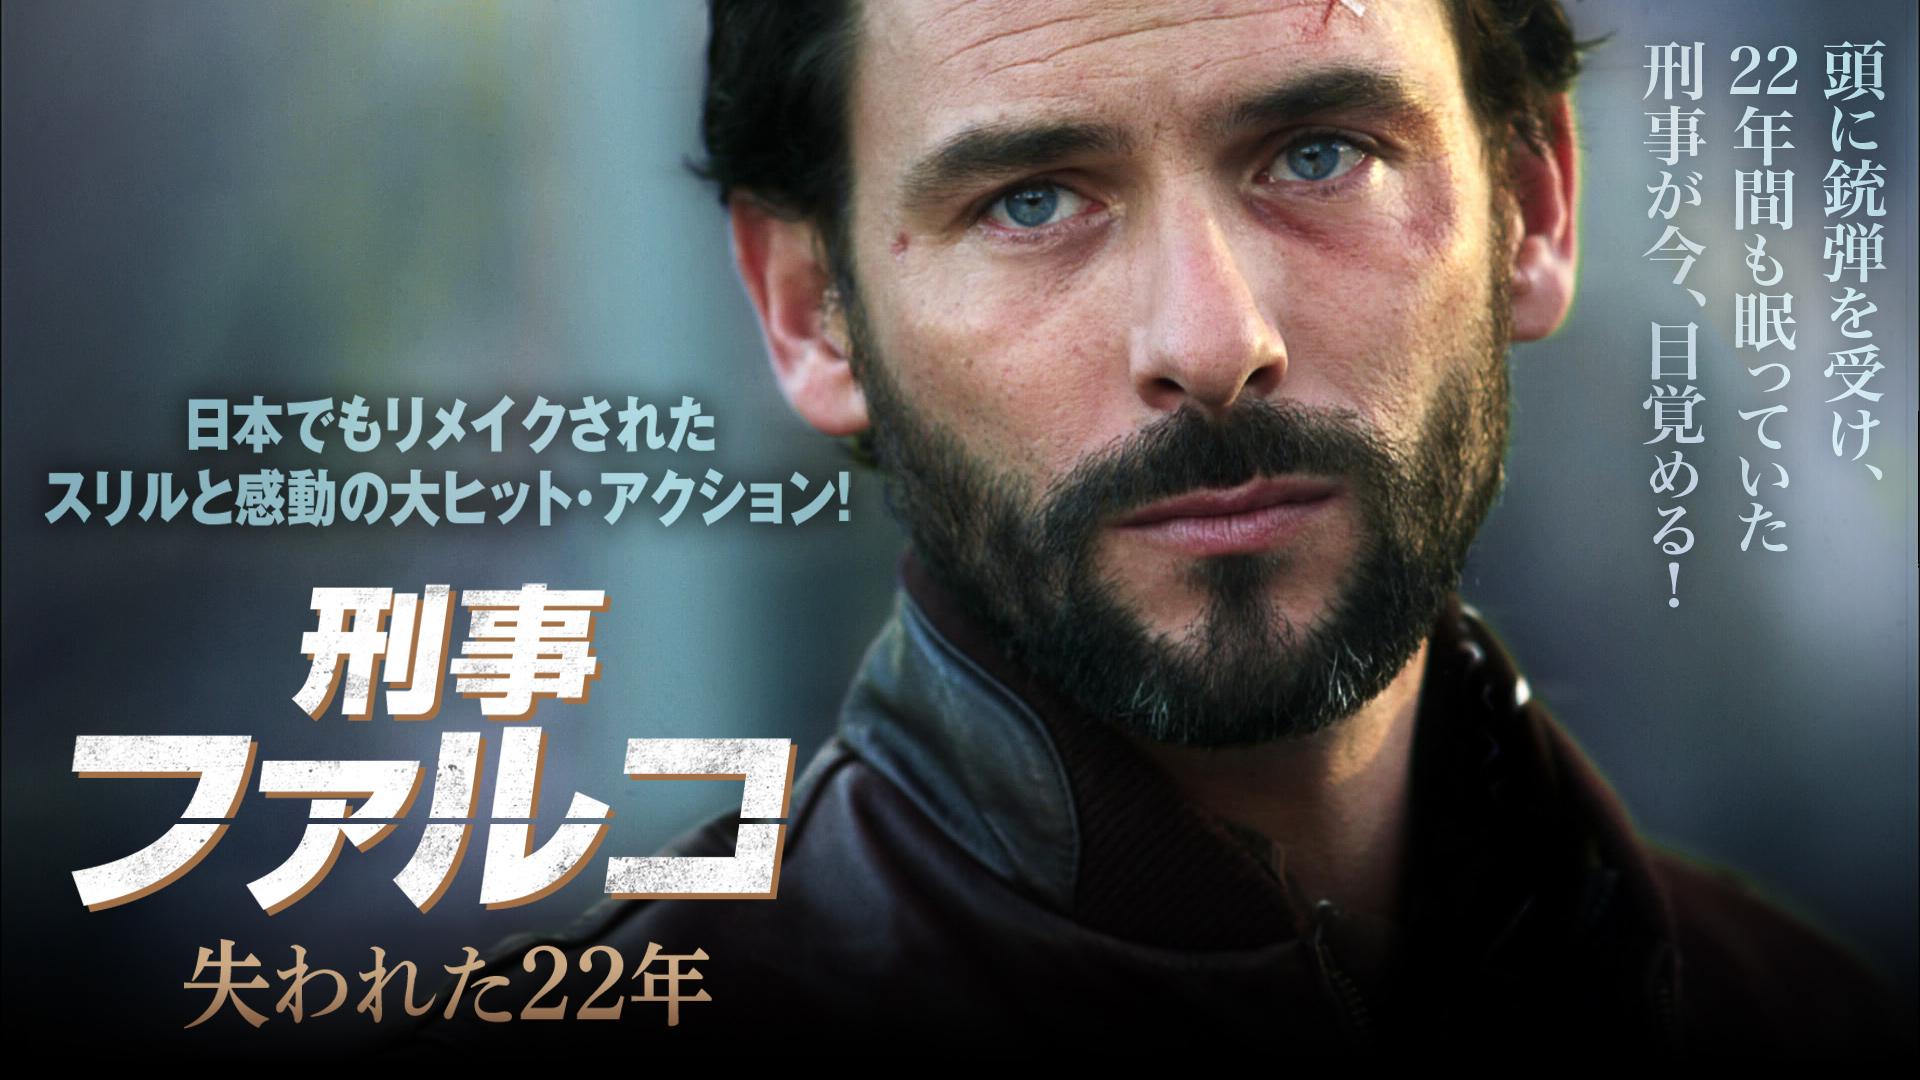 刑事ファルコ 失われた22年(字幕版)